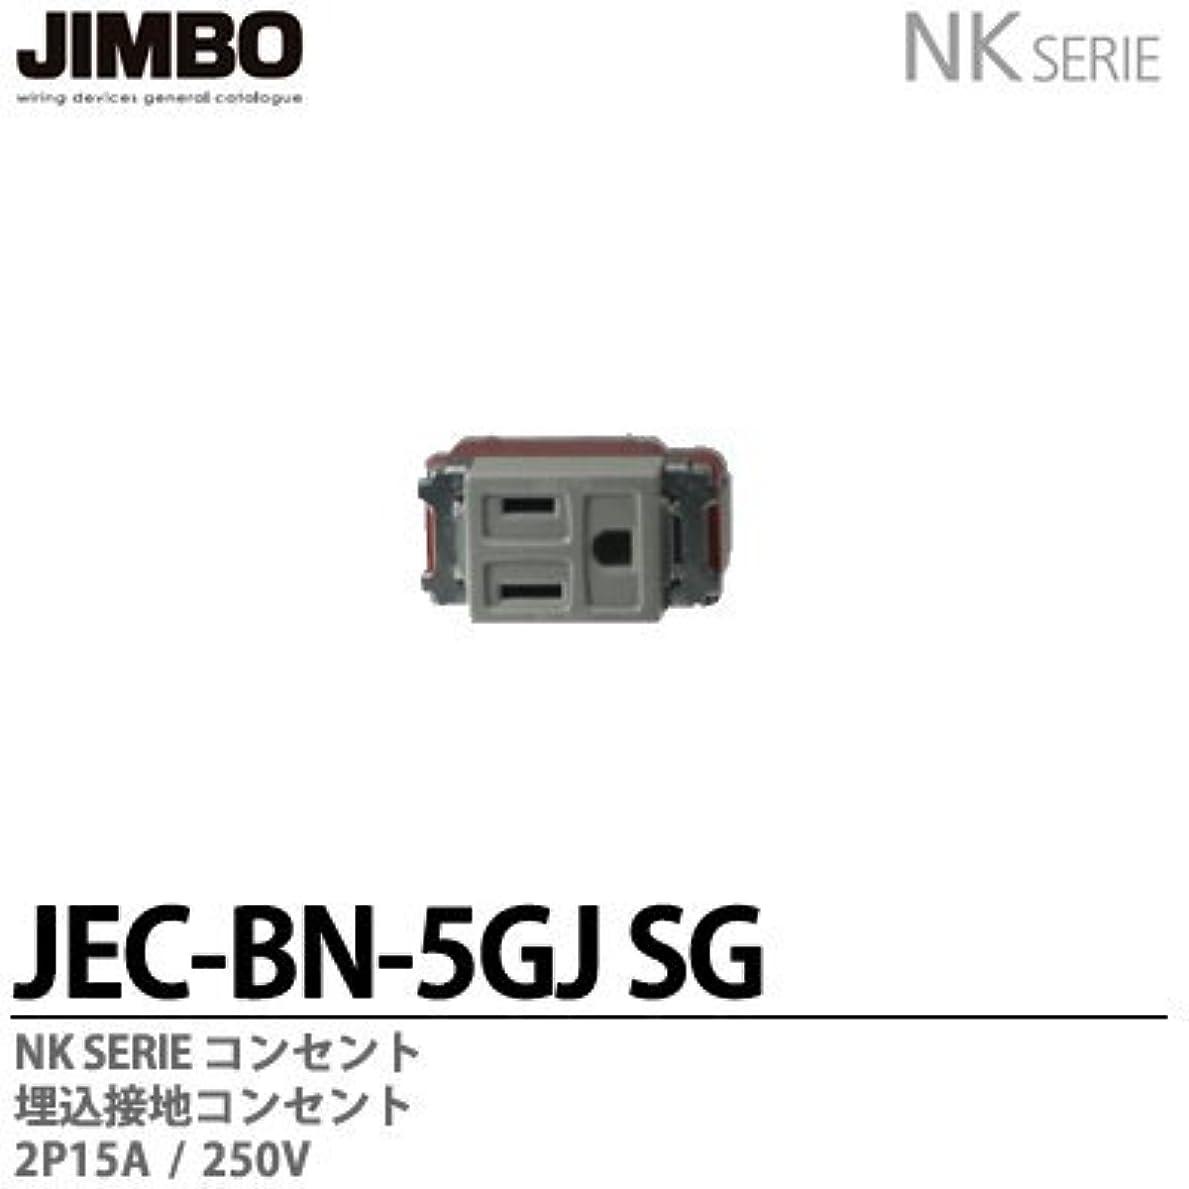 鋭くサーバ水分【JIMBO】NKシリーズ配線器具 NKシリーズ適合器具 埋込接地コンセント JEC-BN-5GJ(SG)